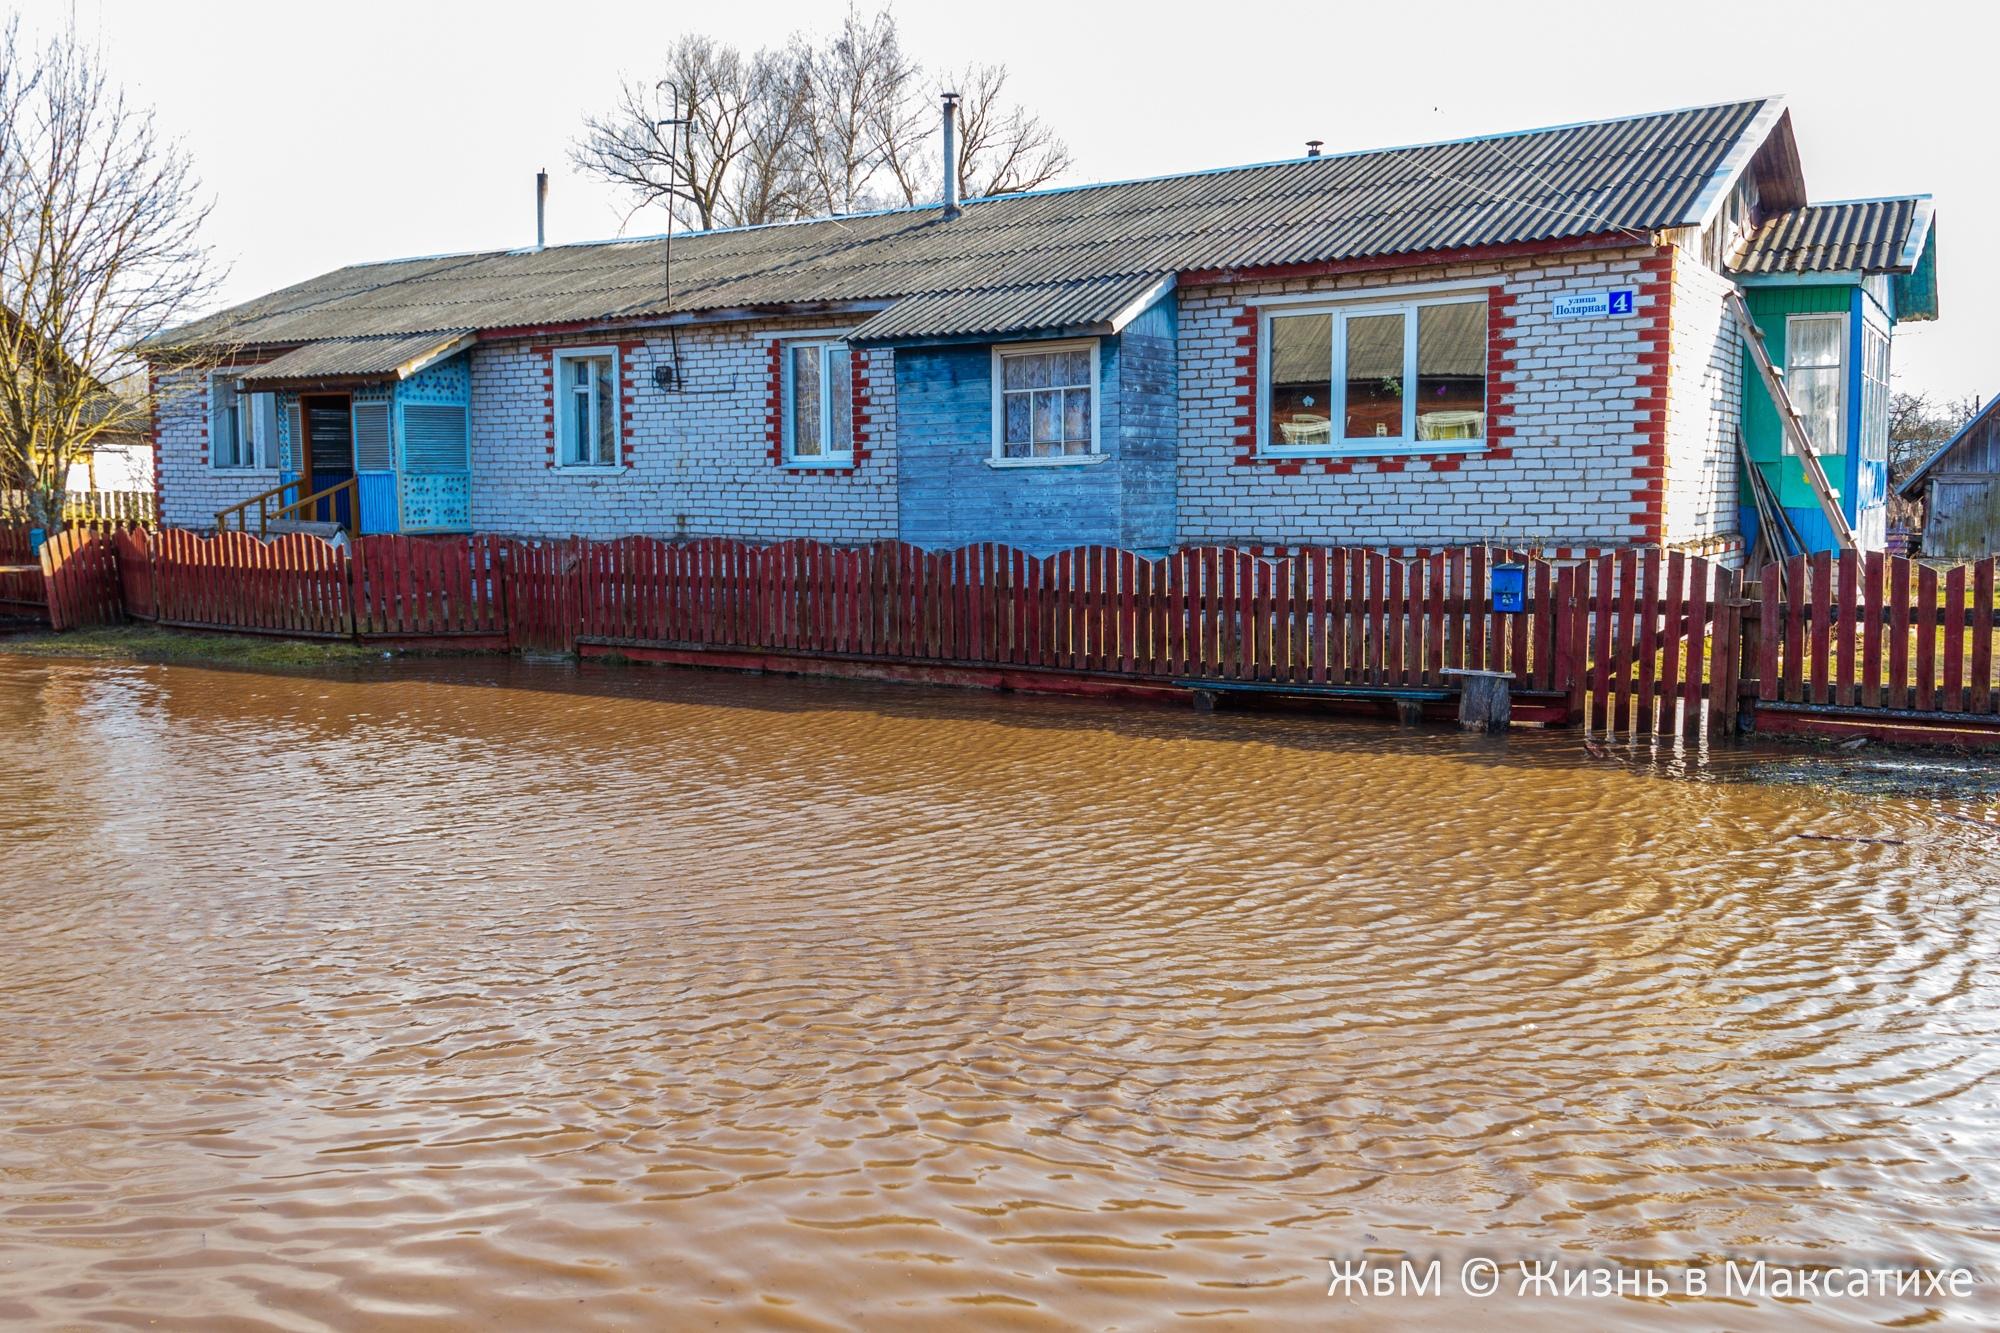 В Максатихе Тверской области вода затапливает улицы и огороды